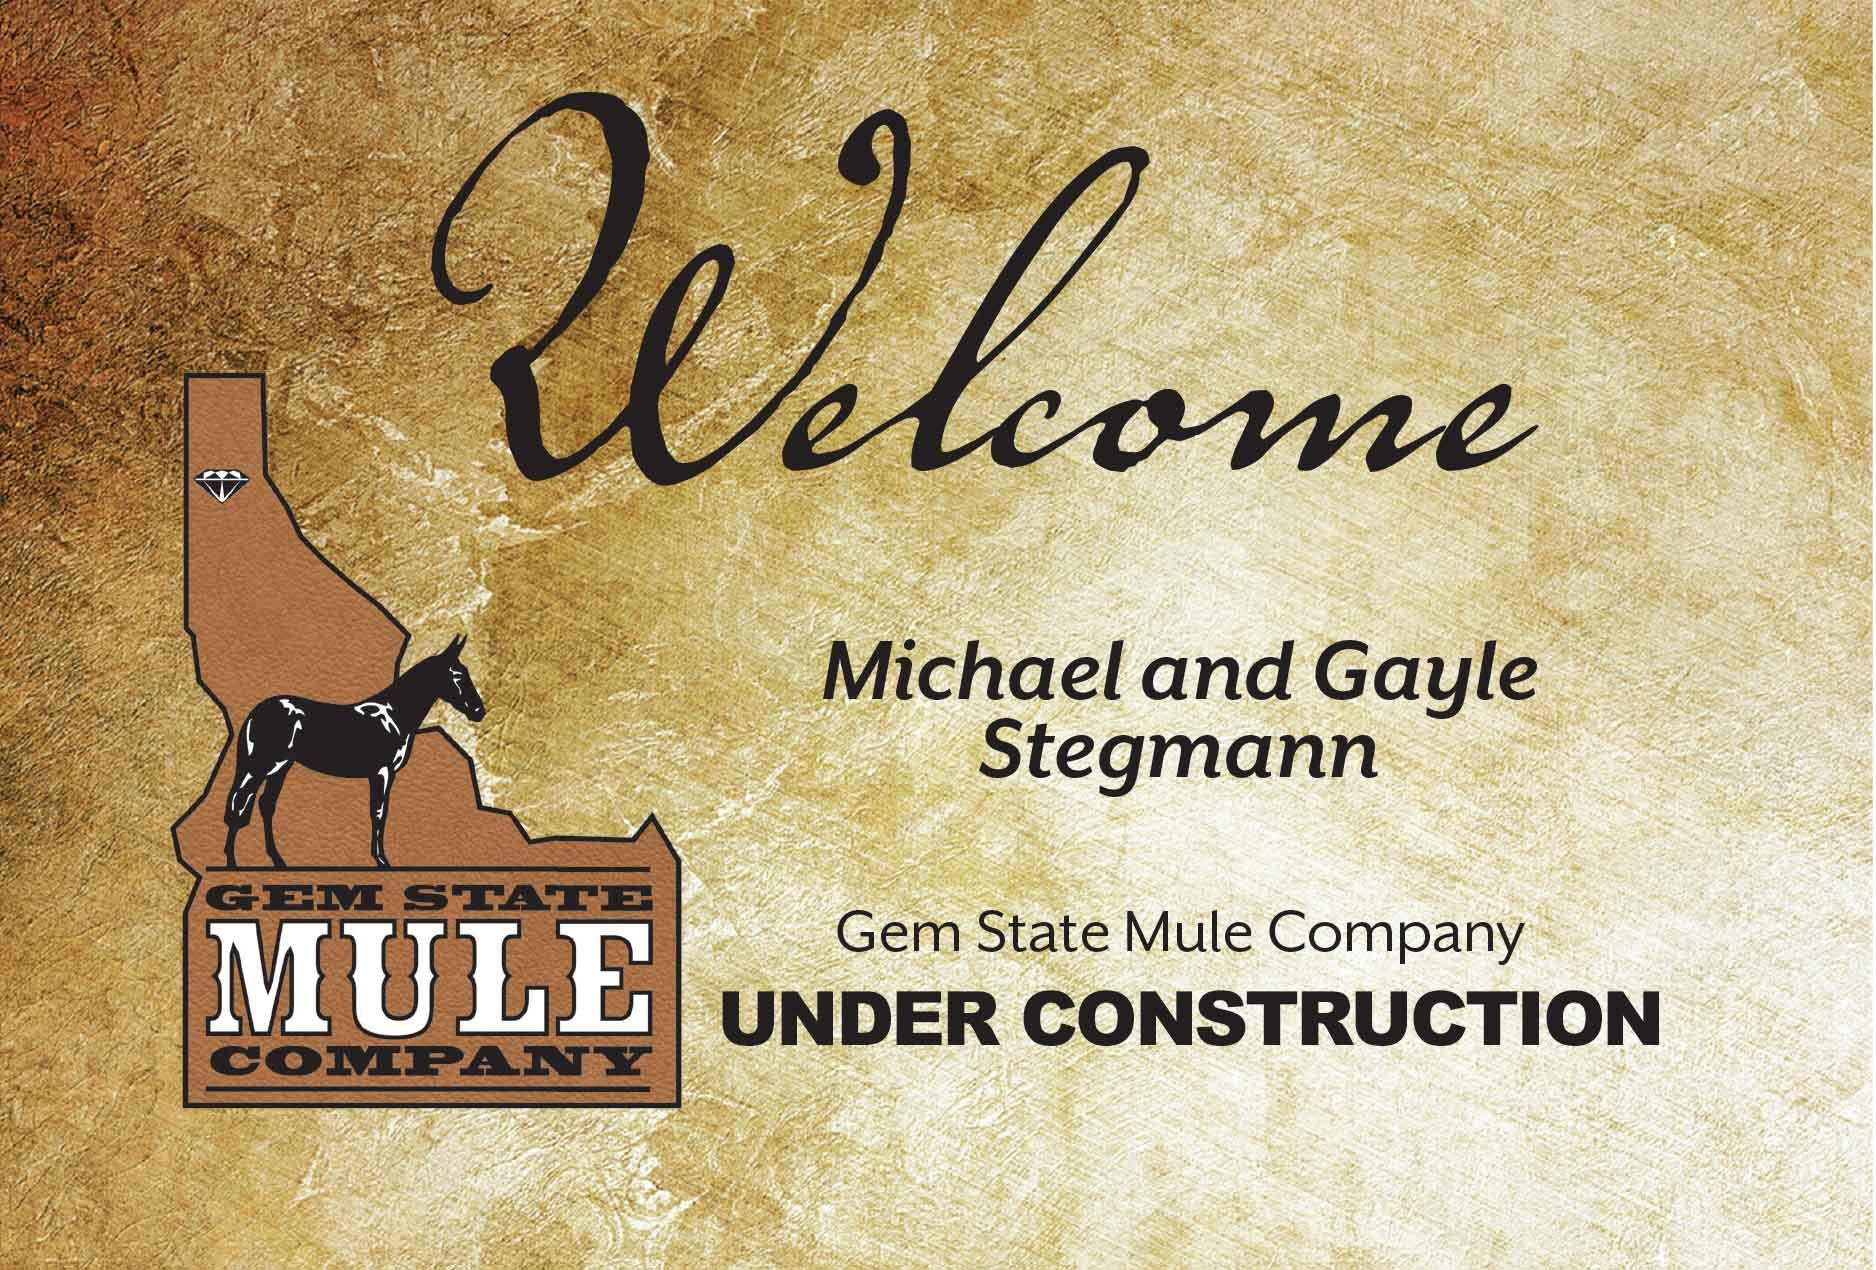 Gem State Mule